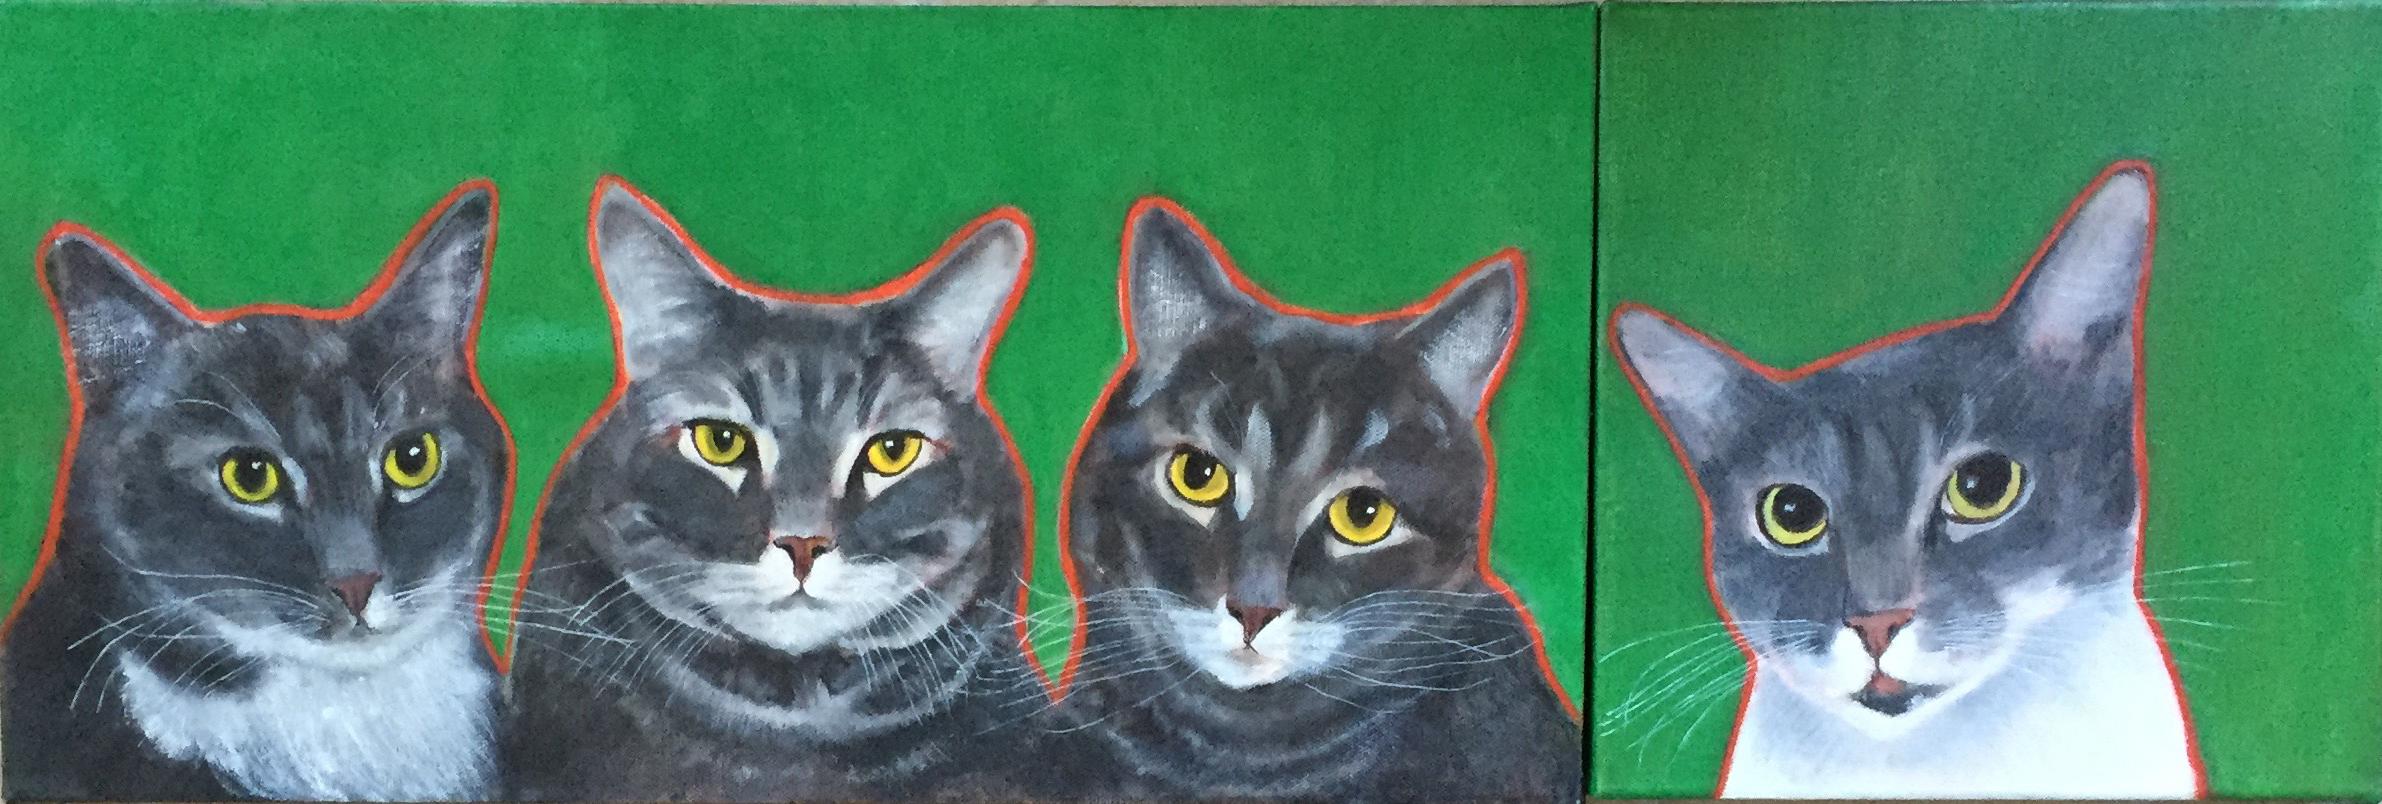 Molly's cats